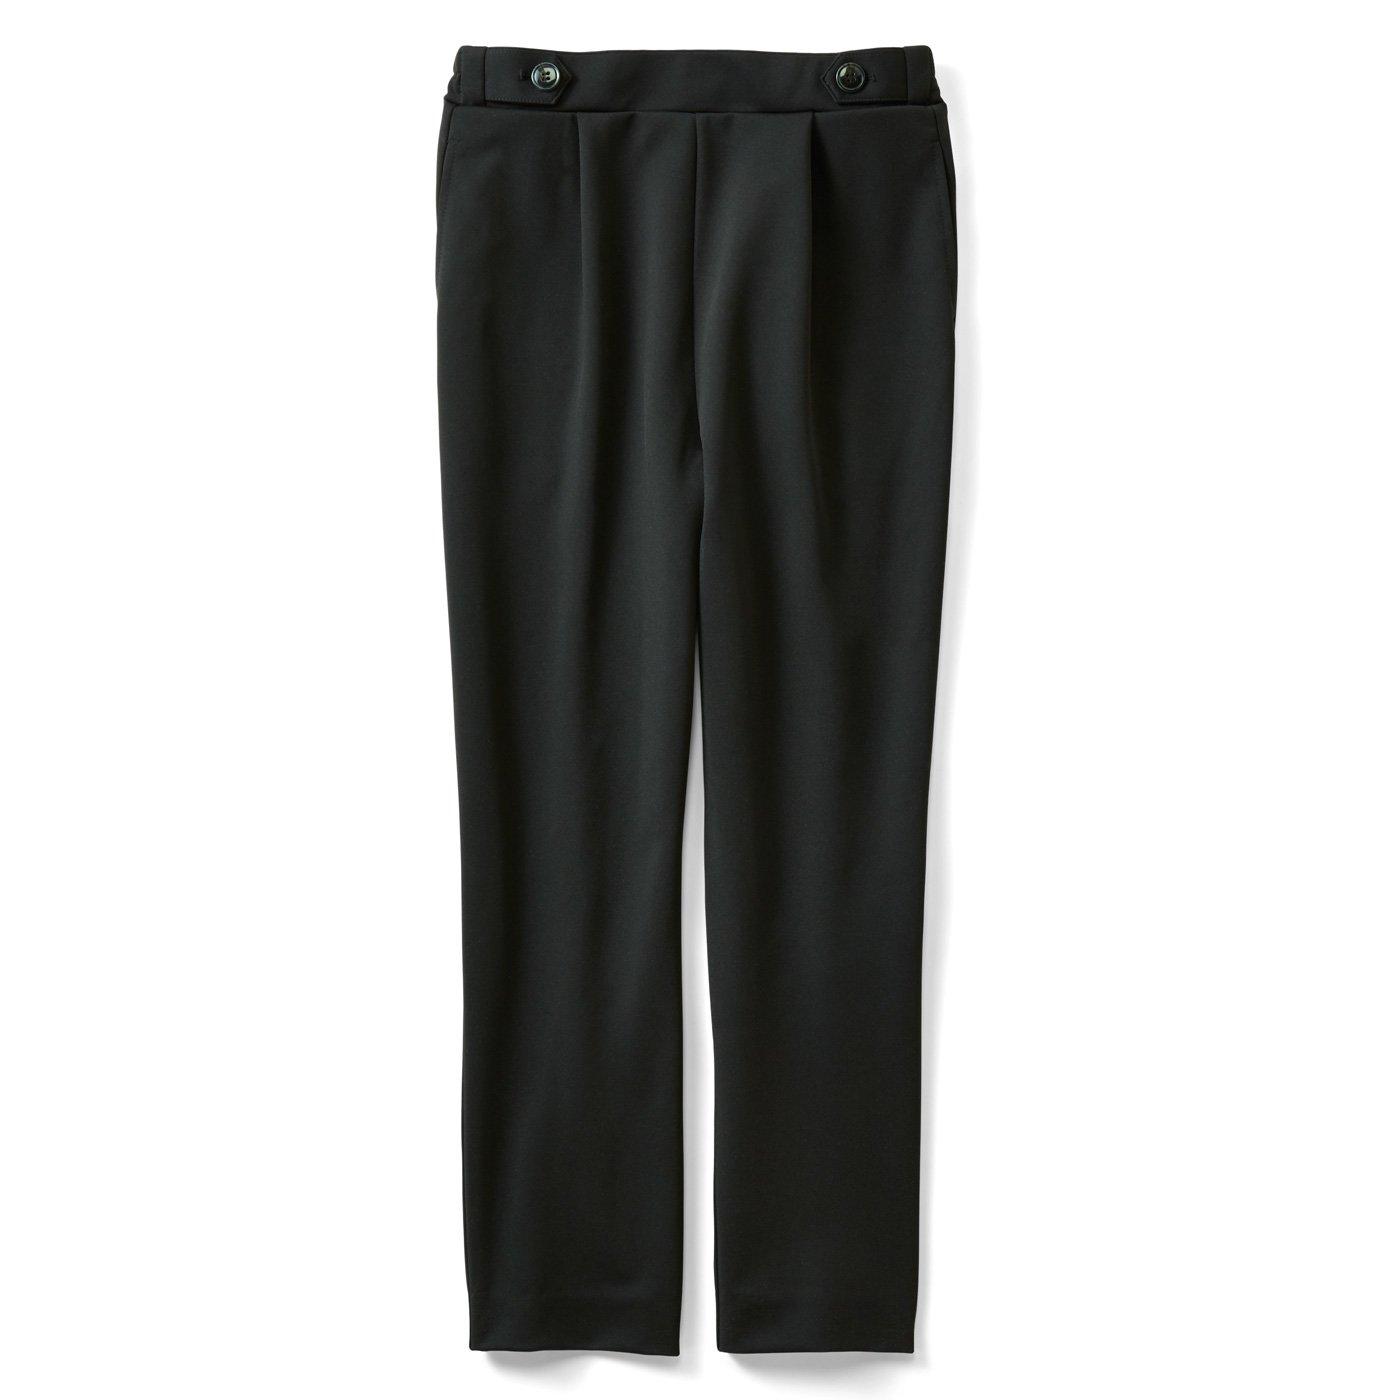 IEDIT[イディット] 接触冷感が快適な軽やかバレエフィット(R)パンツ〈ブラック〉